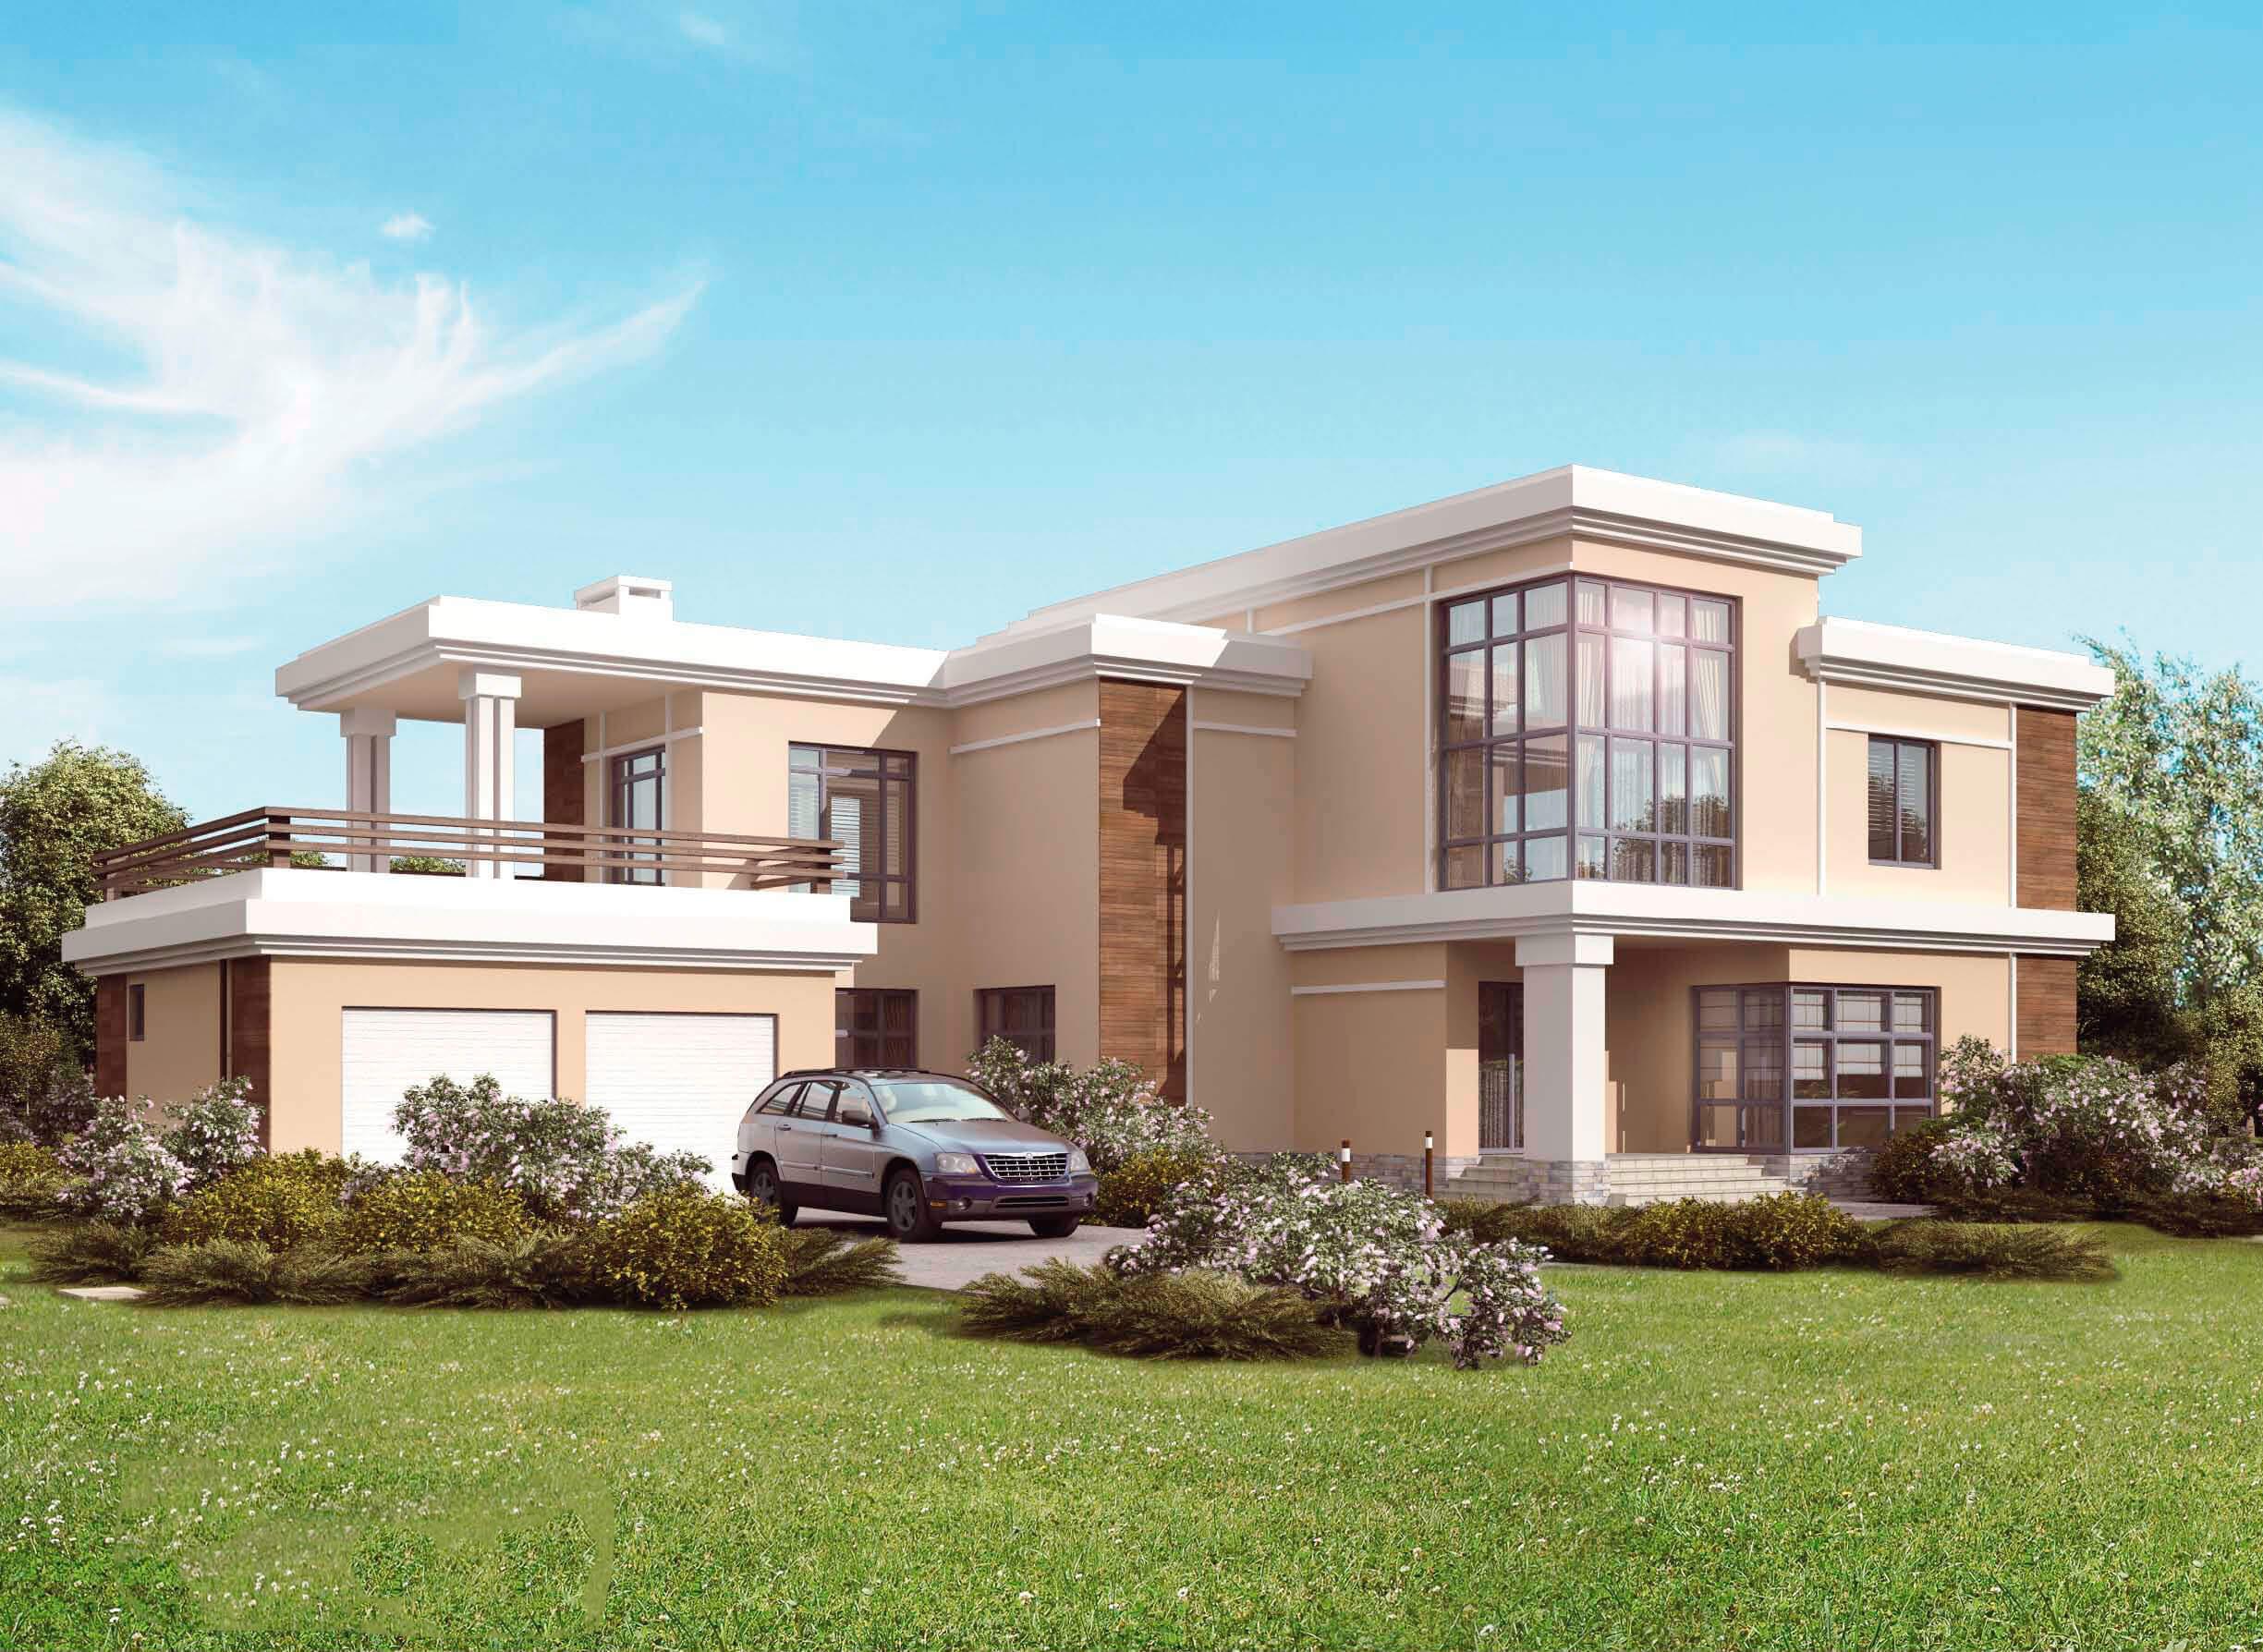 Das Projekt Ist Zweistöckige Haus Mit Fünf Schlafzimmern U201eMaxwellu201c